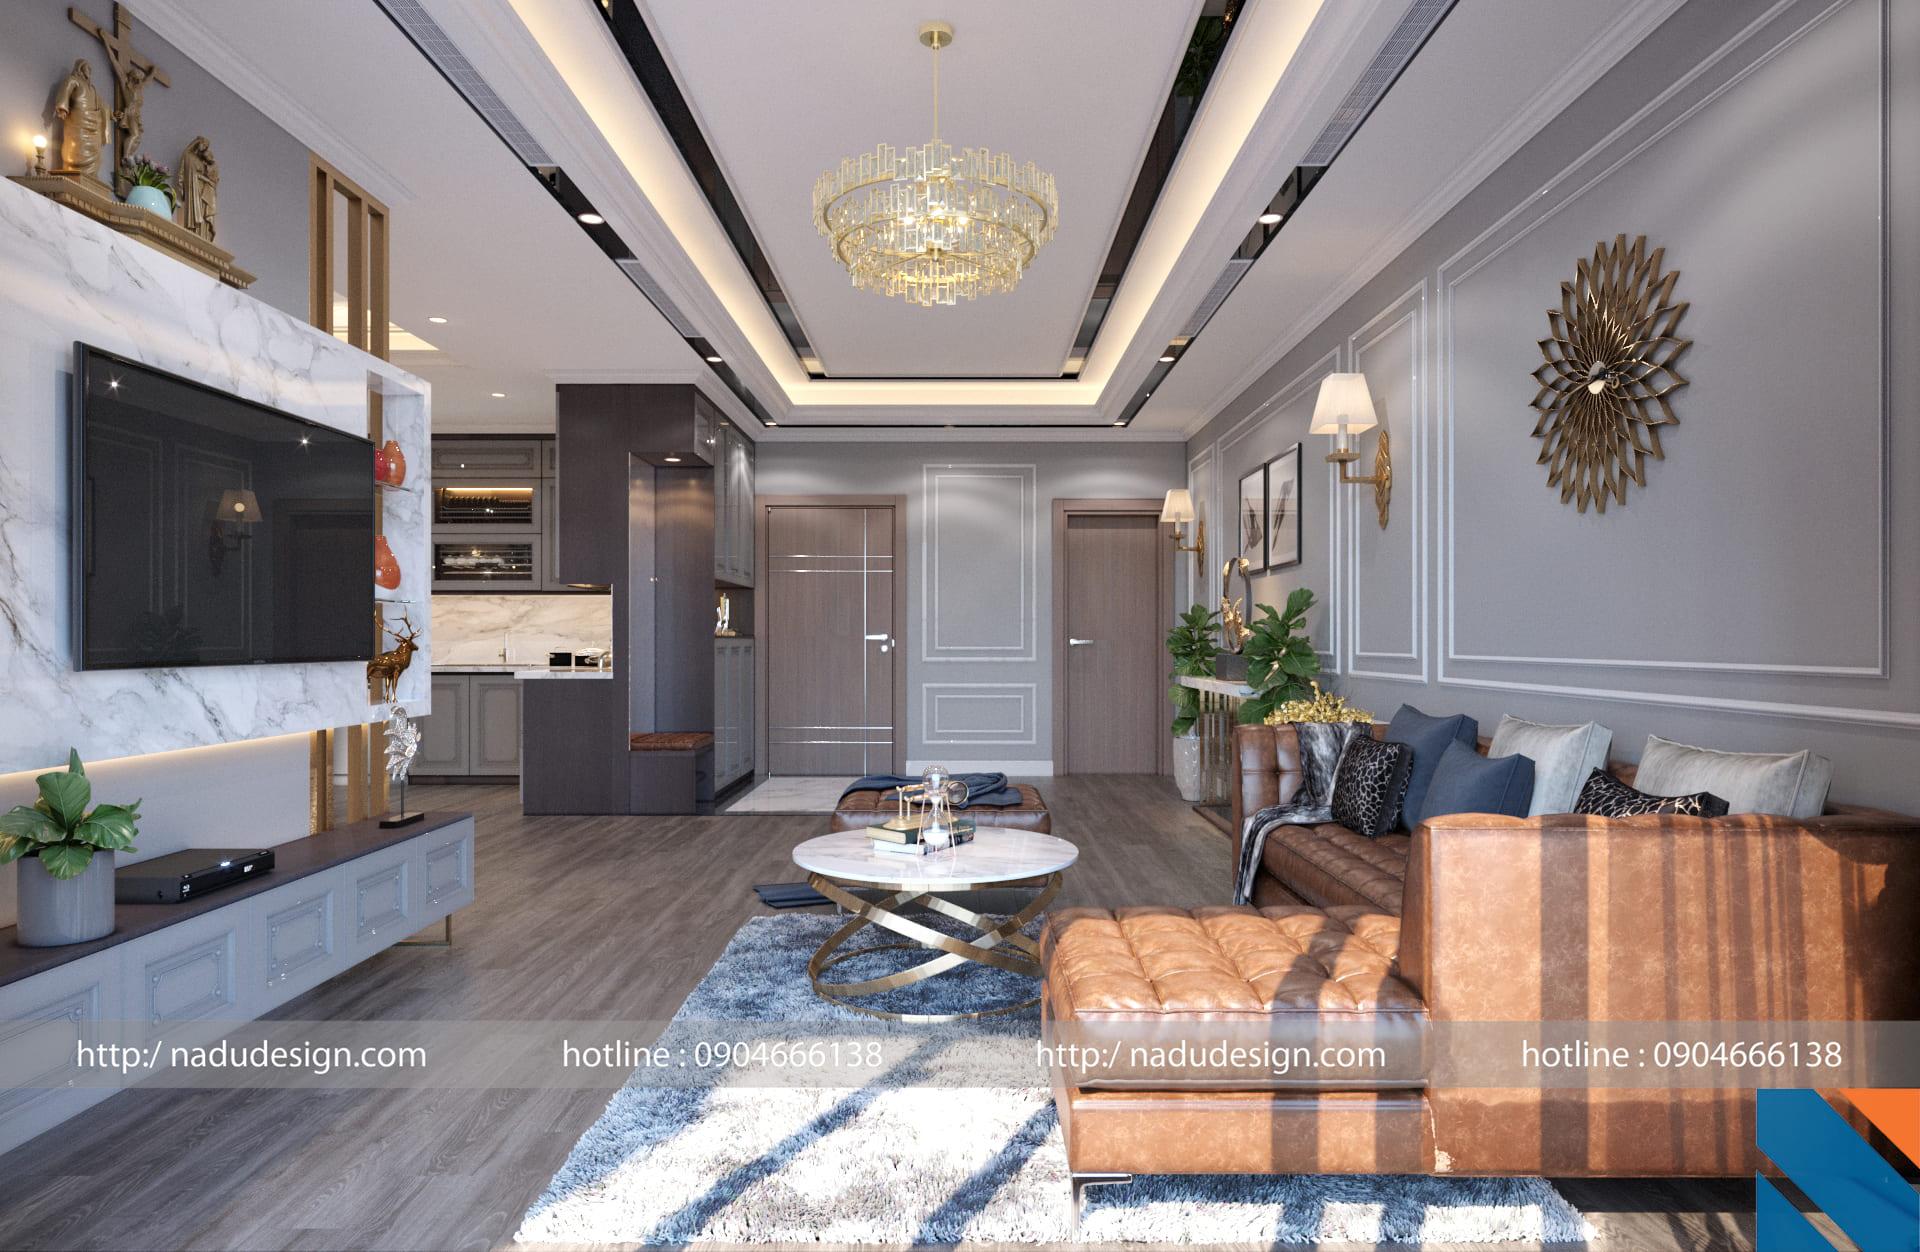 Thiết kế nội thất chung cư Vinhomes Gardenia phong cách tân cổ điển